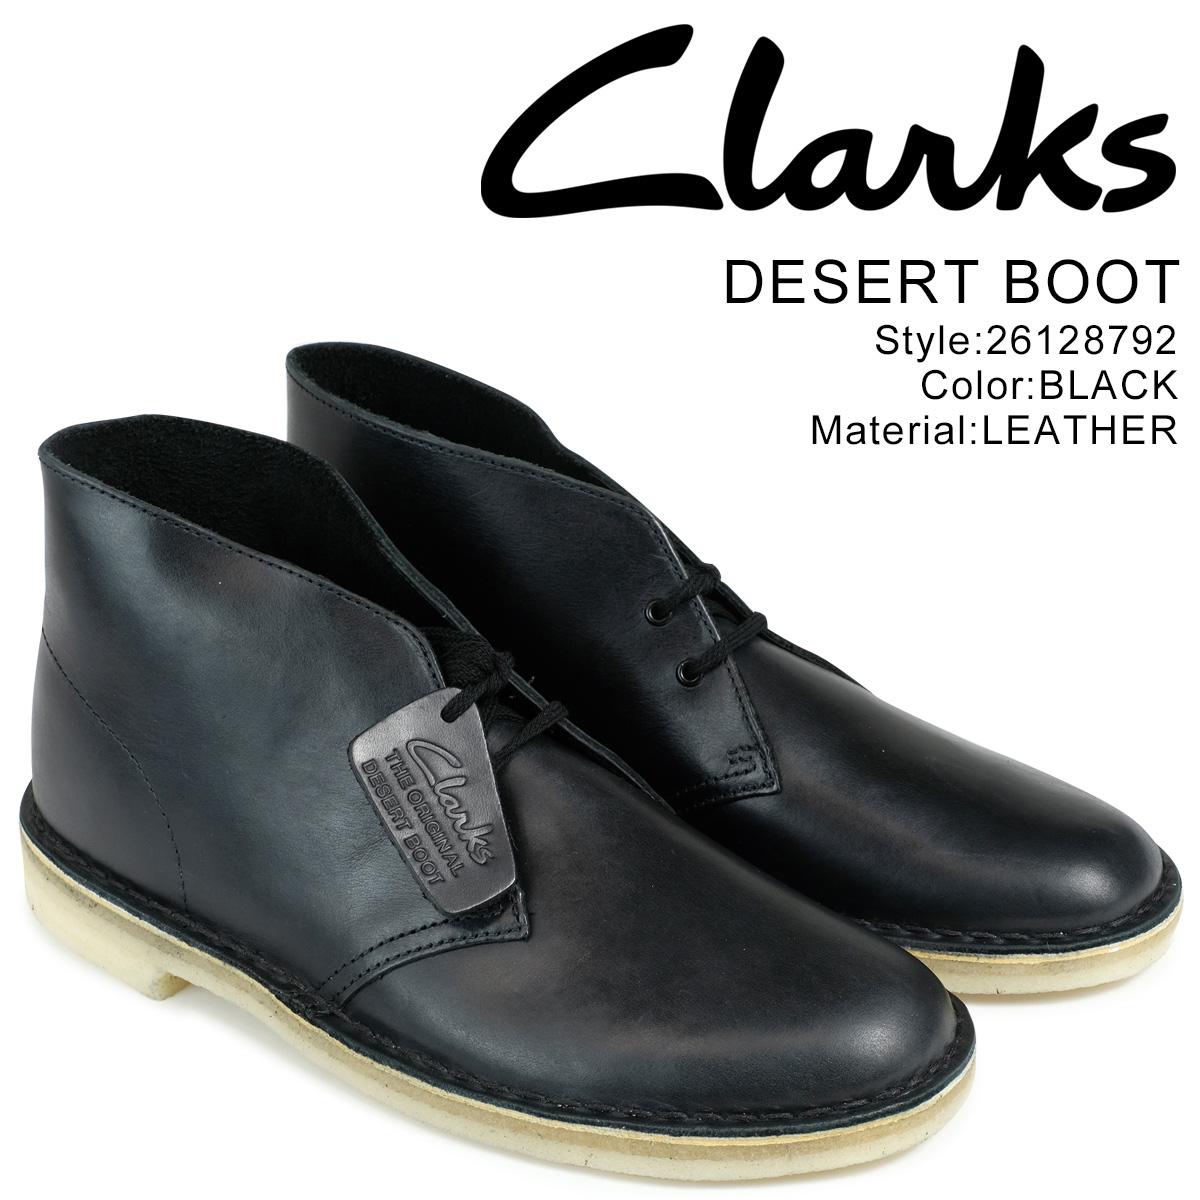 クラークス クラークス Clarks デザートブーツ BOOT メンズ DESERT BOOT 26128792 レザー レザー ブラック, YMT:5f59325f --- ww.thecollagist.com